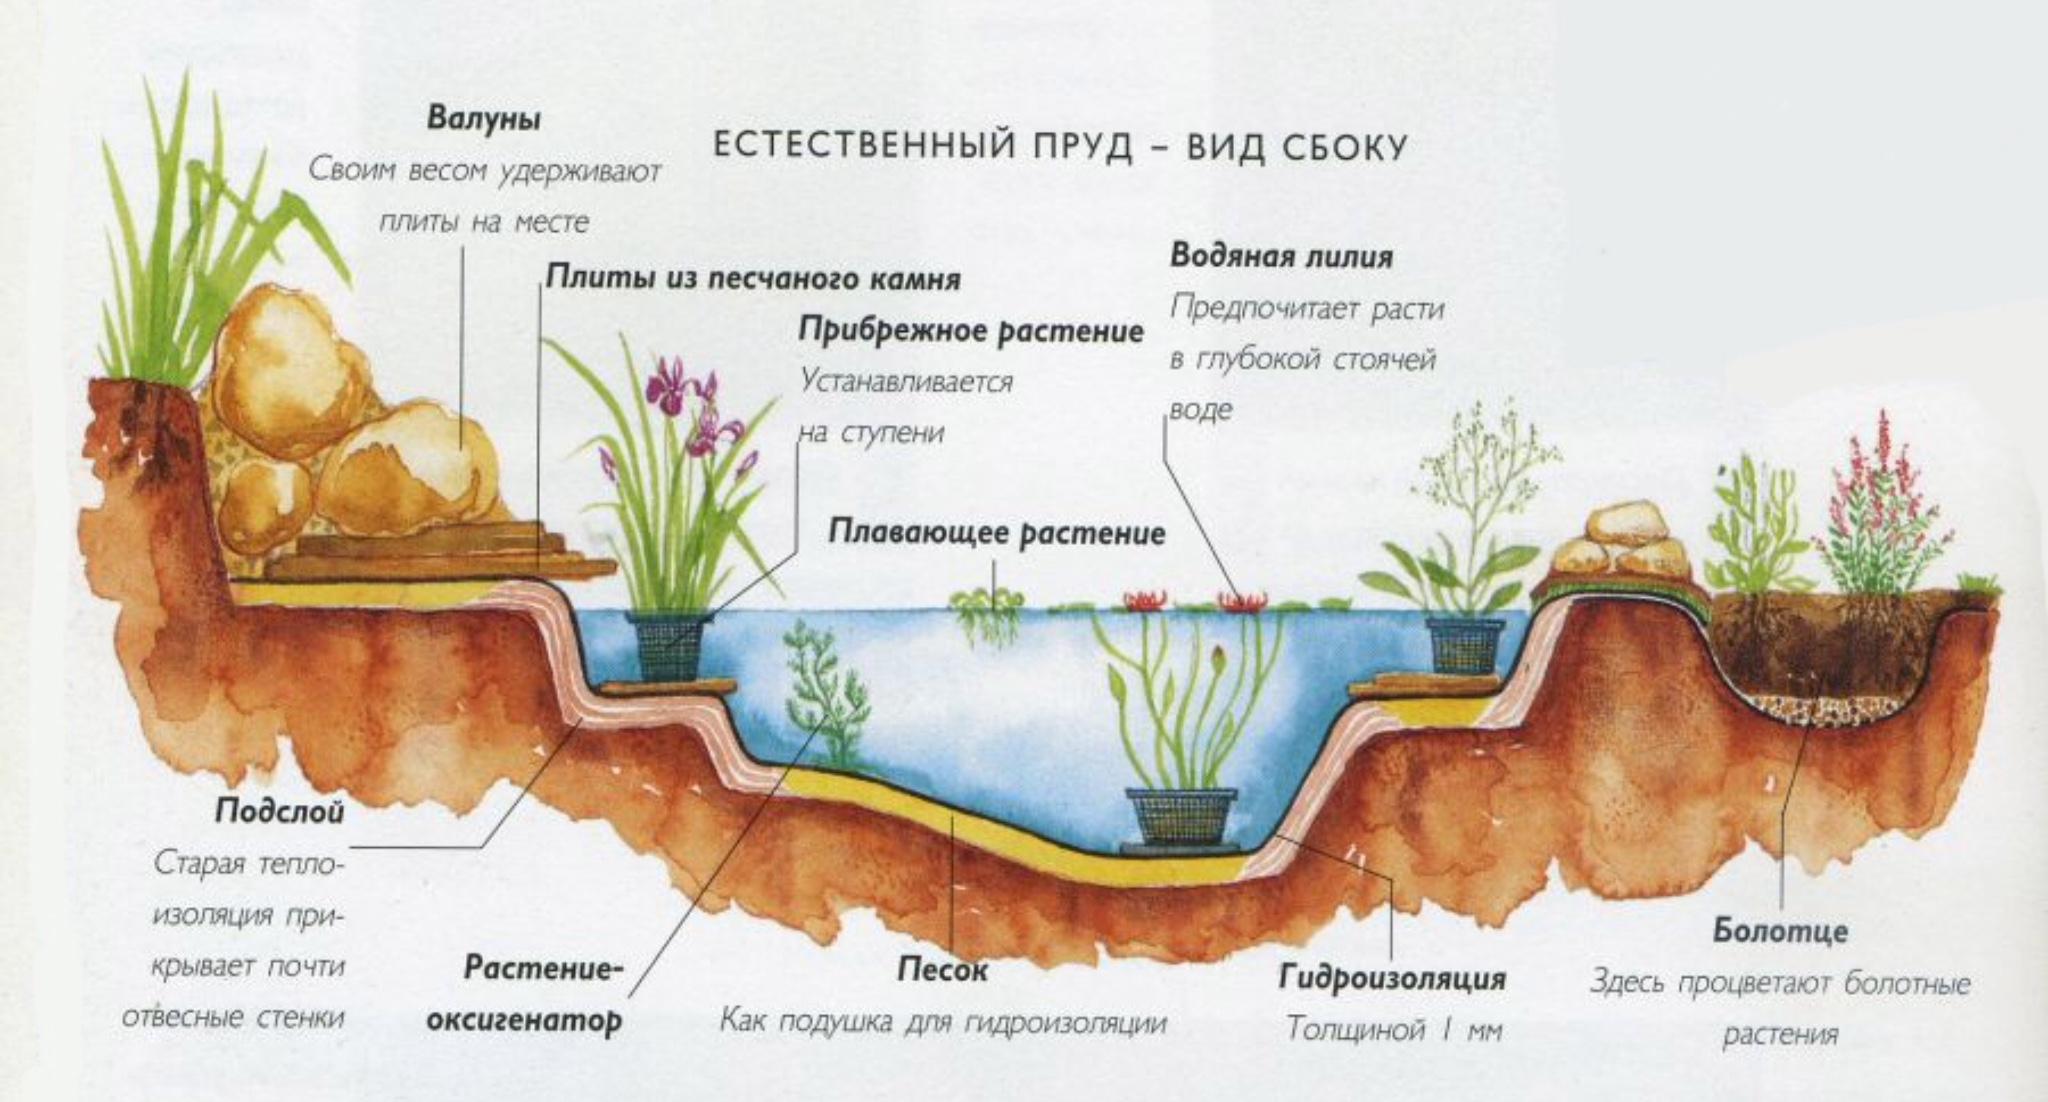 Схема фильтрации воды в пруду